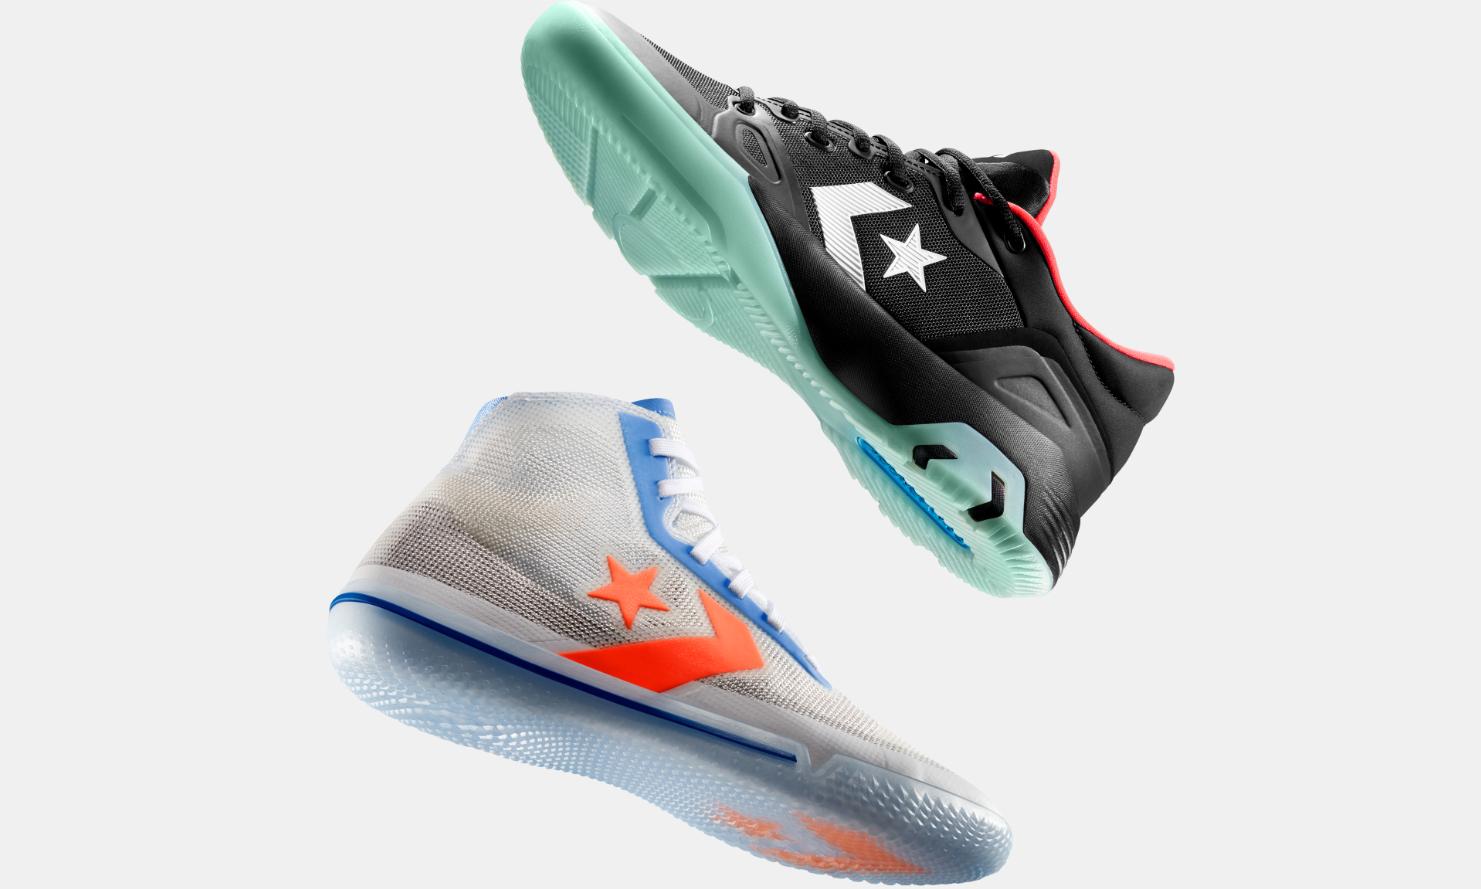 CONVERSE 推出 SOLSTICE 夏日篮球鞋系列